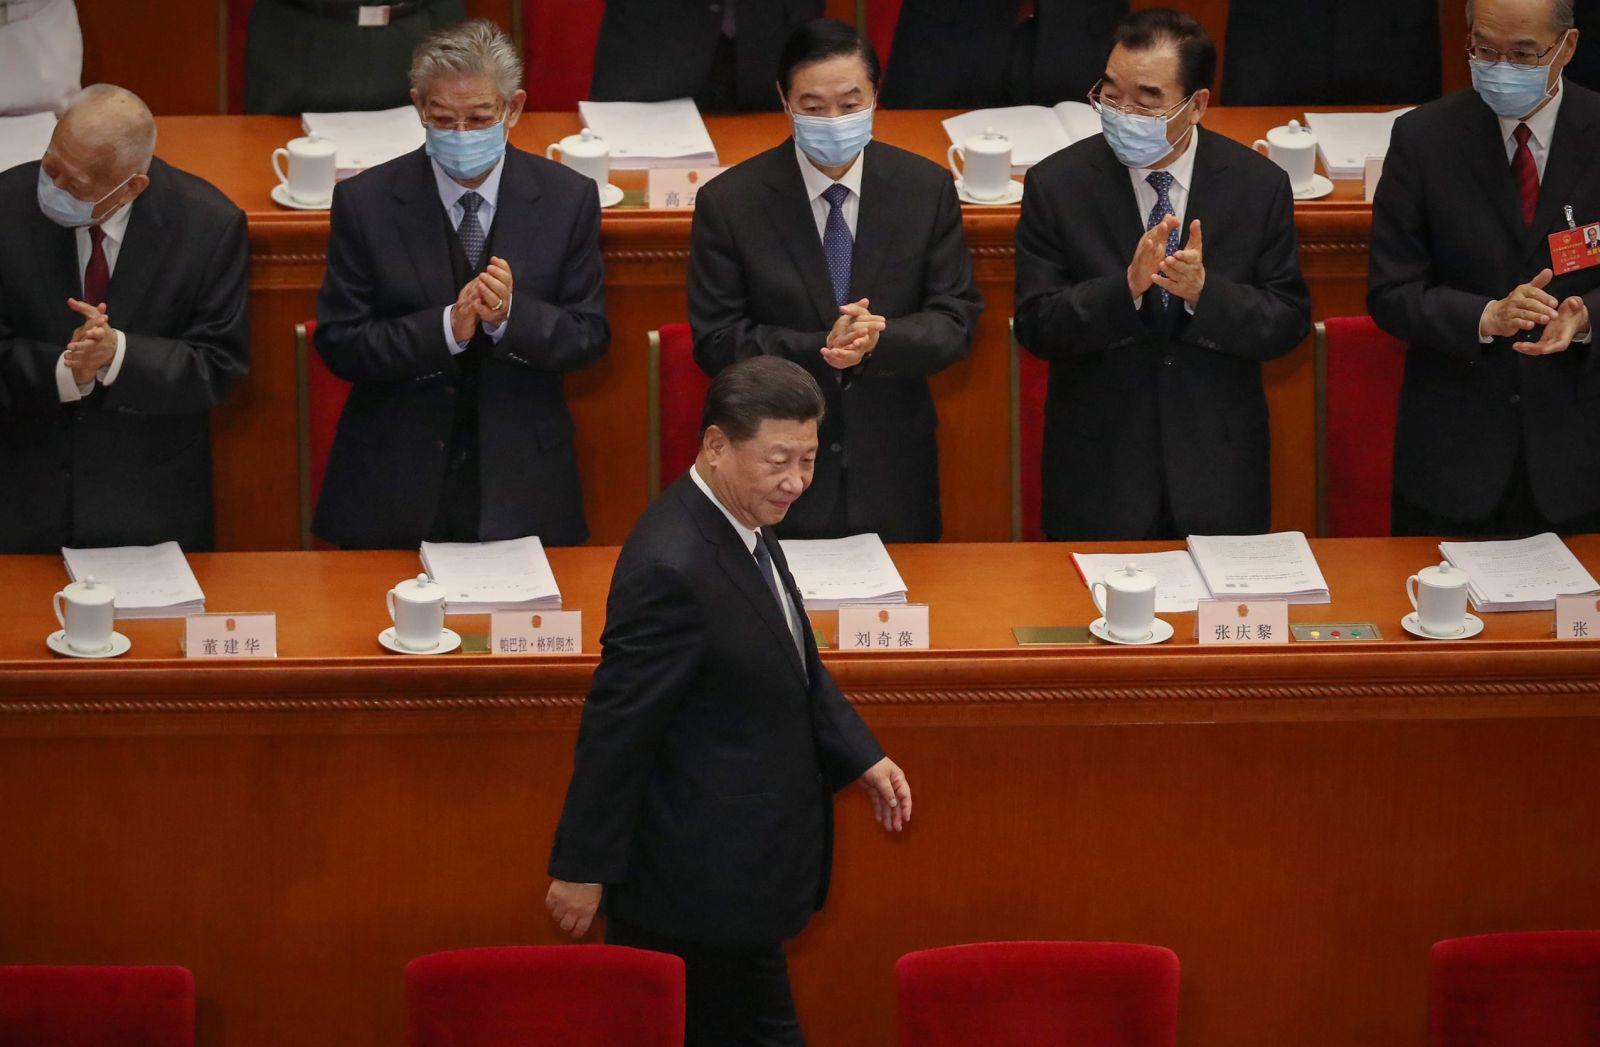 Конец мечтам о демократии. Китай принял закон о нацбезопасности Гонконга